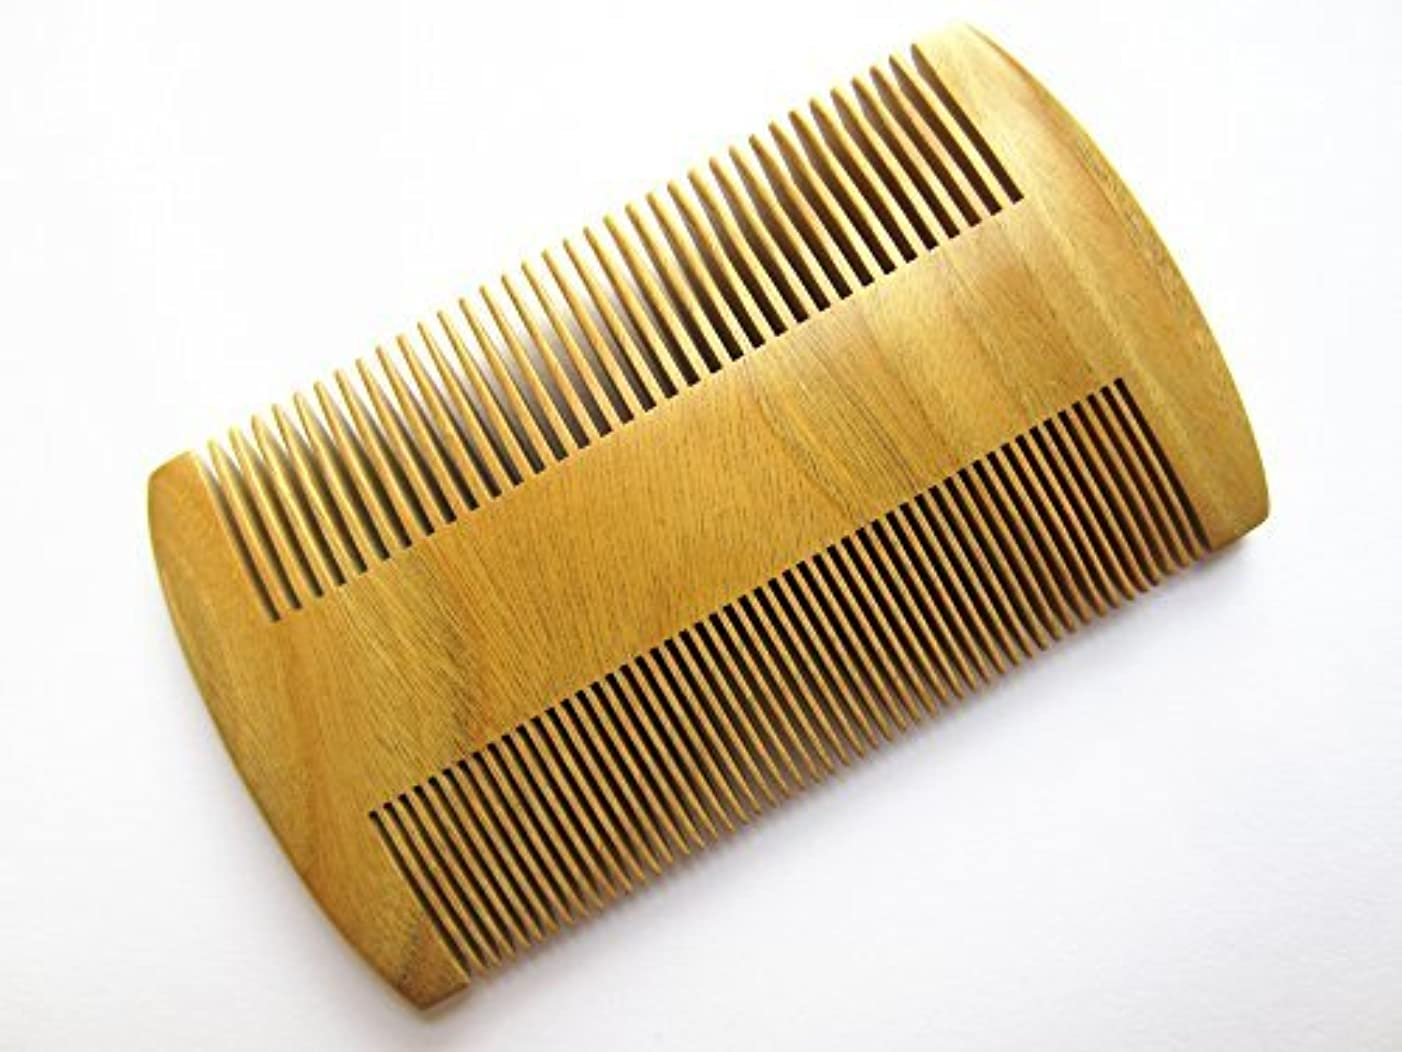 車思想出発するMyhsmooth GS-S2M-N2F Handmade Natural Green Sandalwood No Static Pocket Comb Perfect Beard Comb with Aromatic Scent for Long and Short Beards Perfect Mustache Comb(3.8